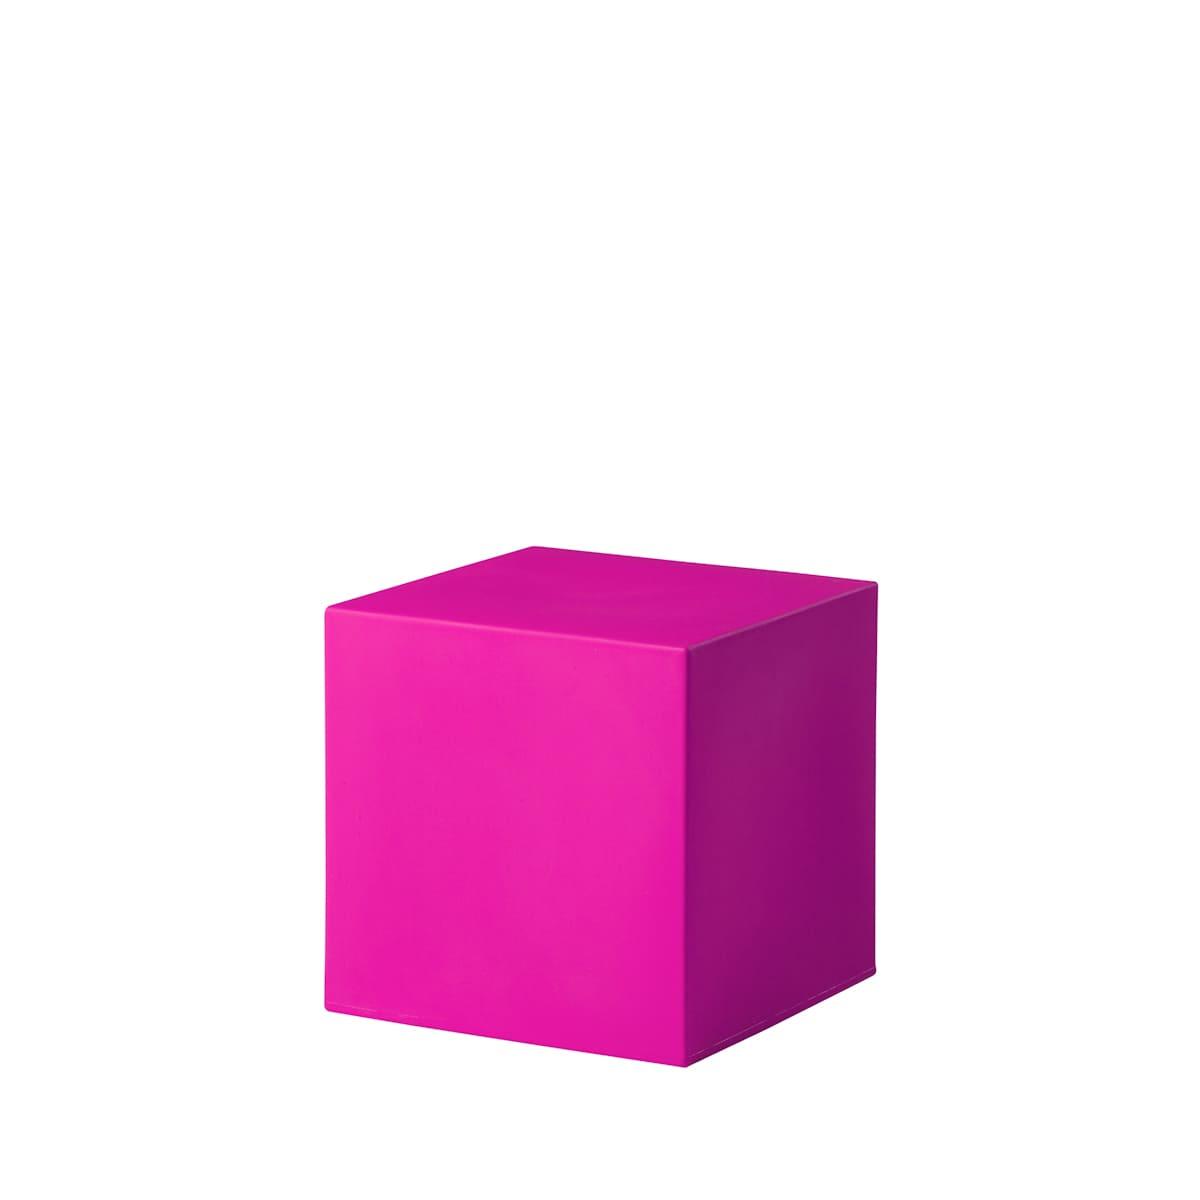 Pinke cube würfel Bunte Wuerfel Outdoor - Cube Würfel beleuchtet